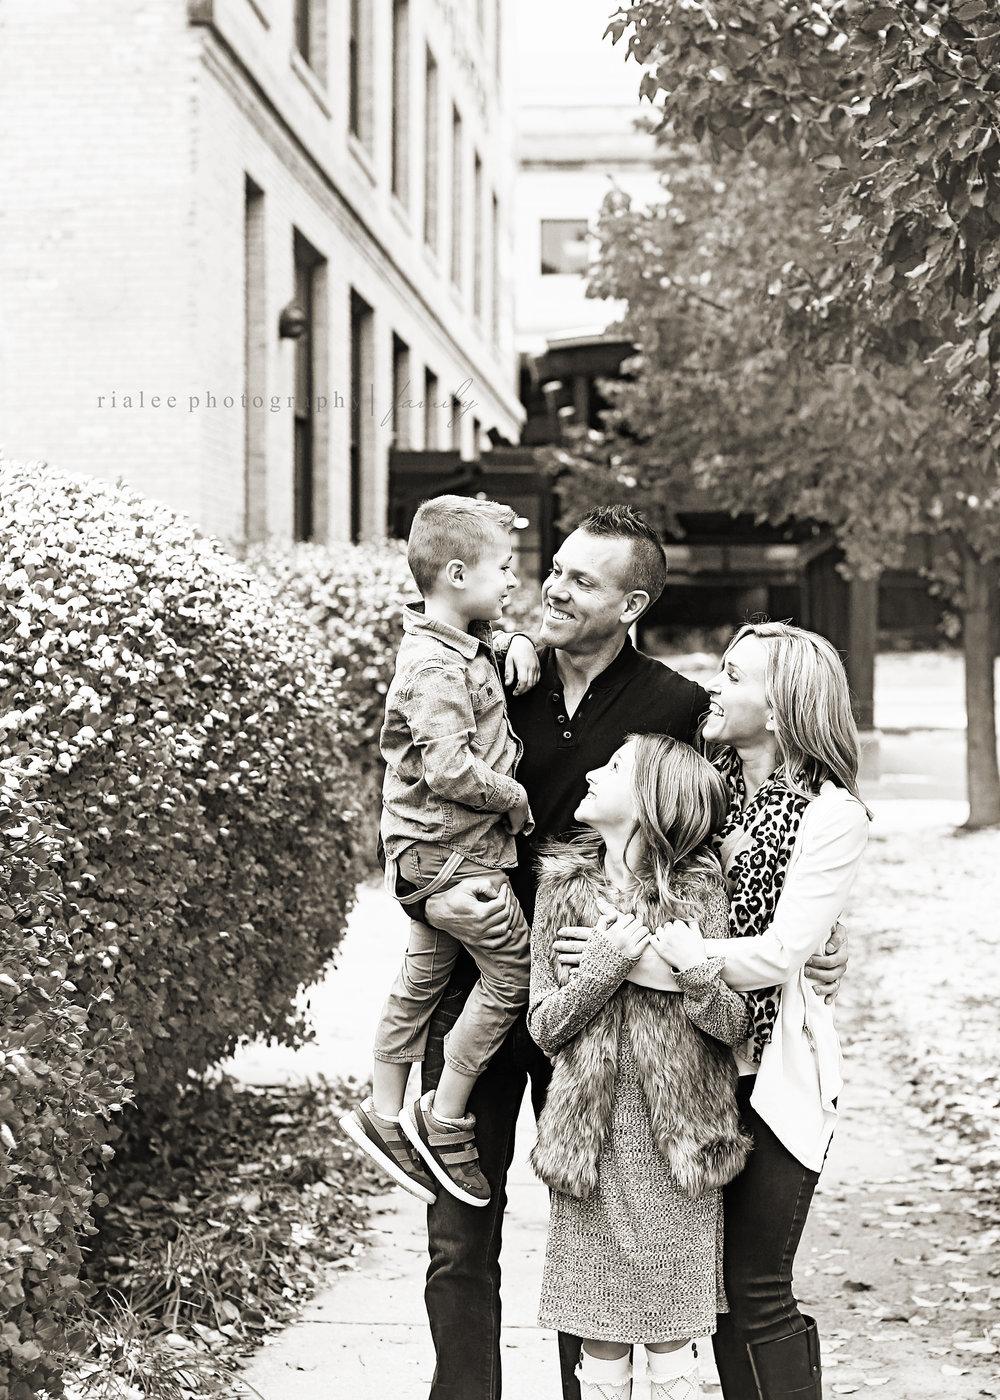 downtownfargofamilyphotographer.jpg